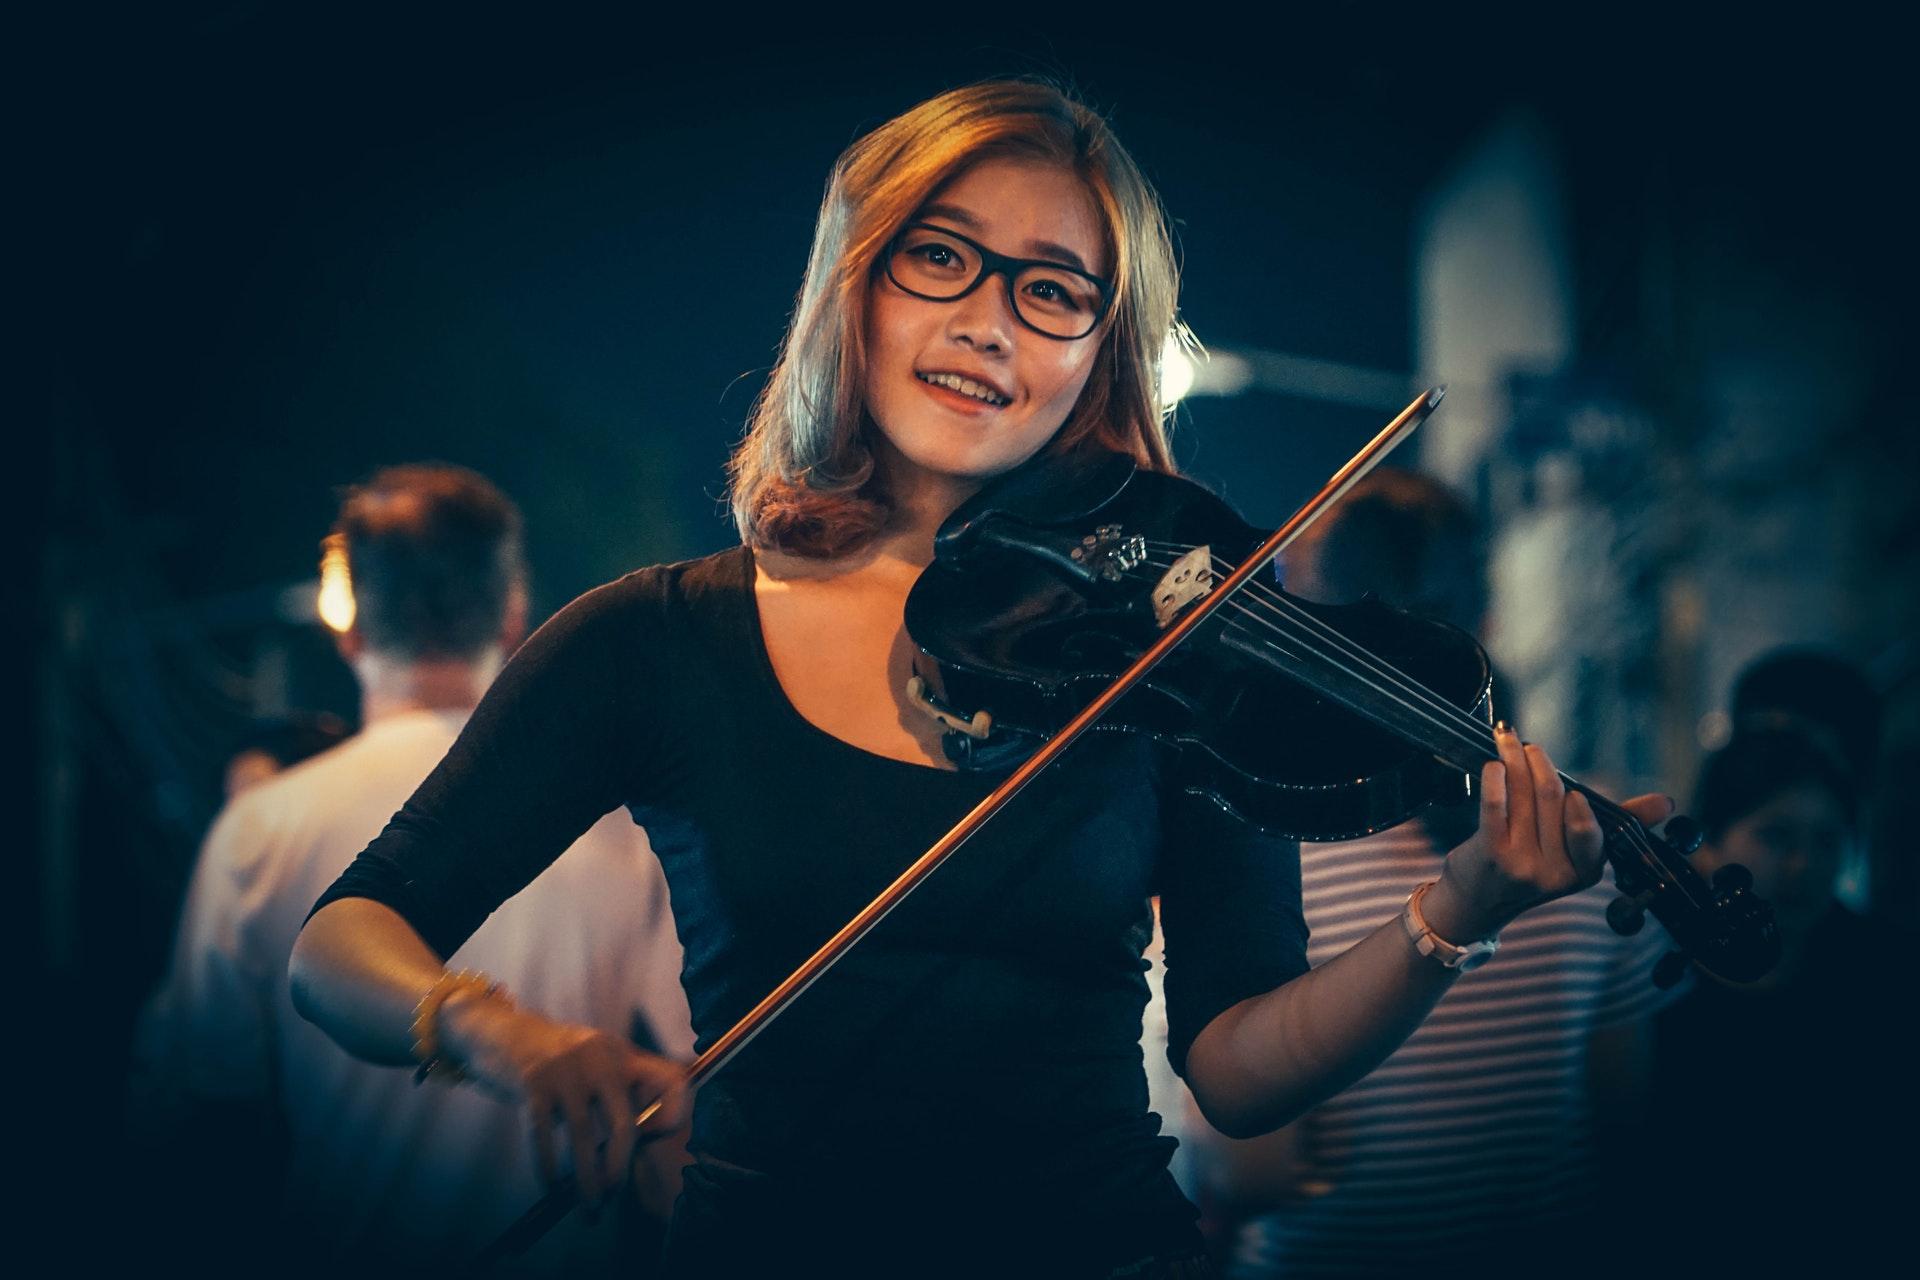 Musique et culture, les instruments d'un pays à l'autre